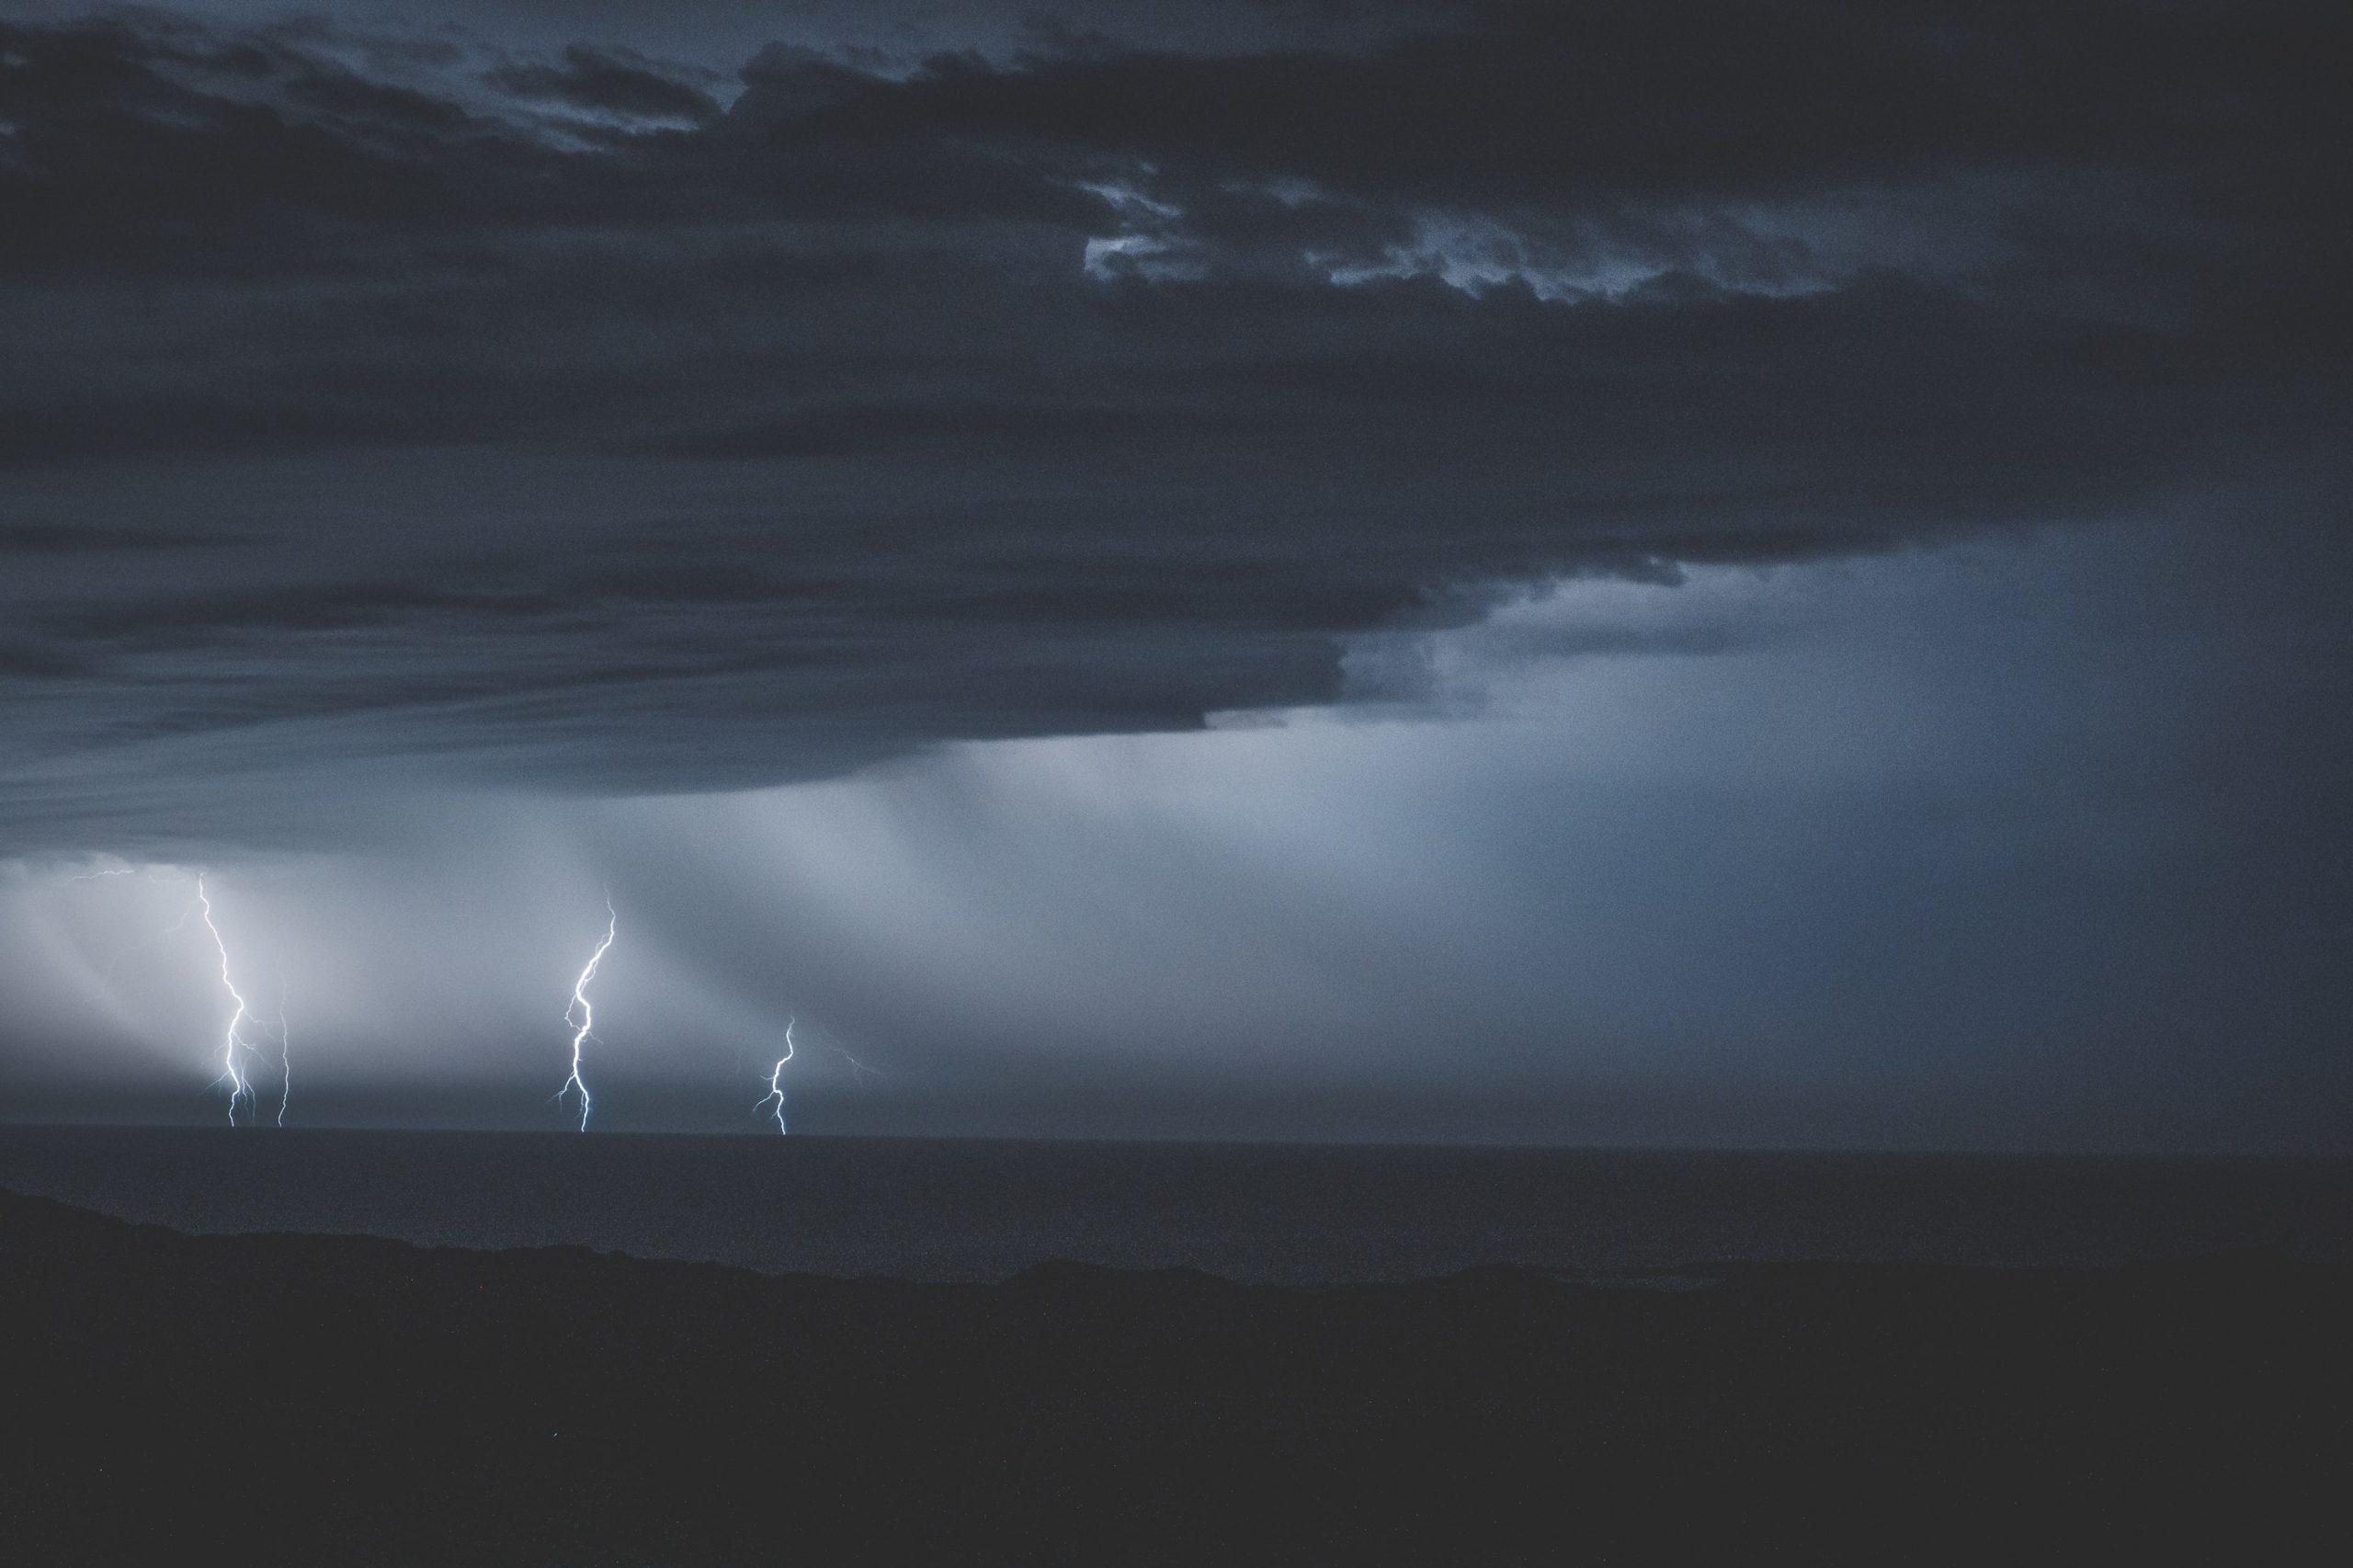 СМИ: три человека стали жертвами шторма «Эльза» в Карибском море